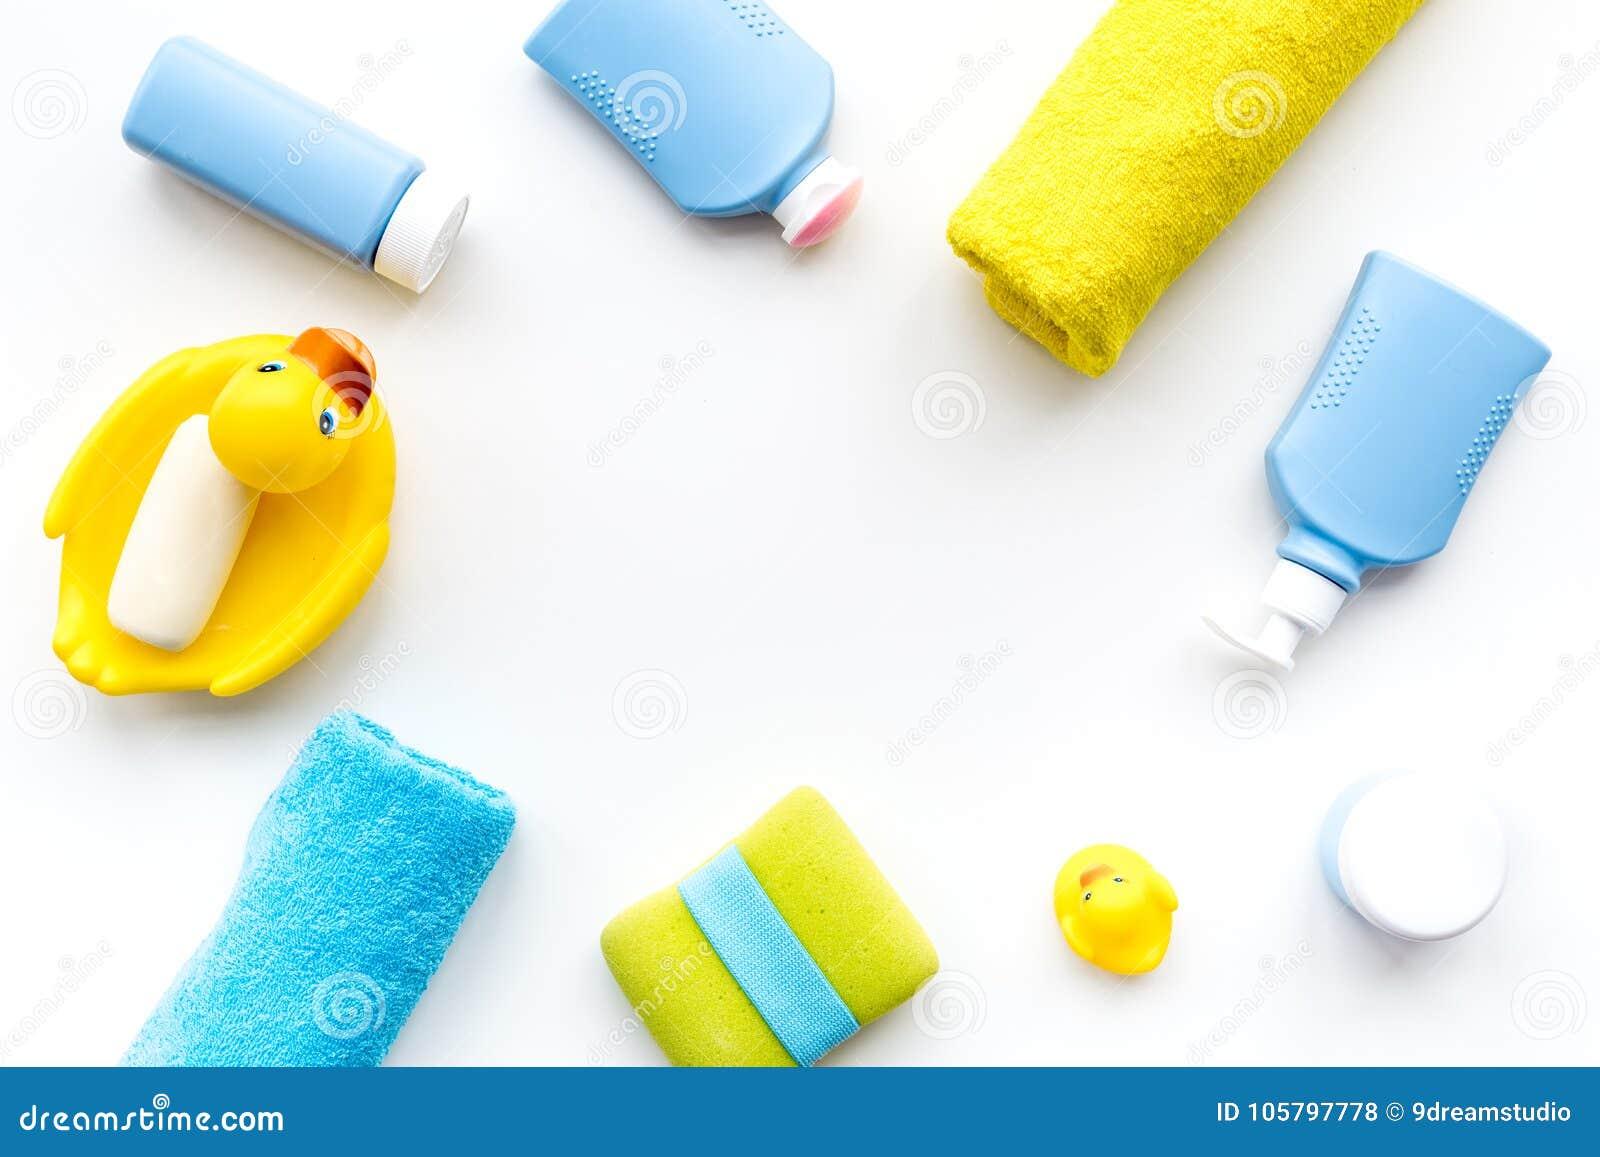 Accessori Bagno Per Bambini.Accessori Del Bagno Per I Bambini Anatra Di Gomma Gialla Sapone